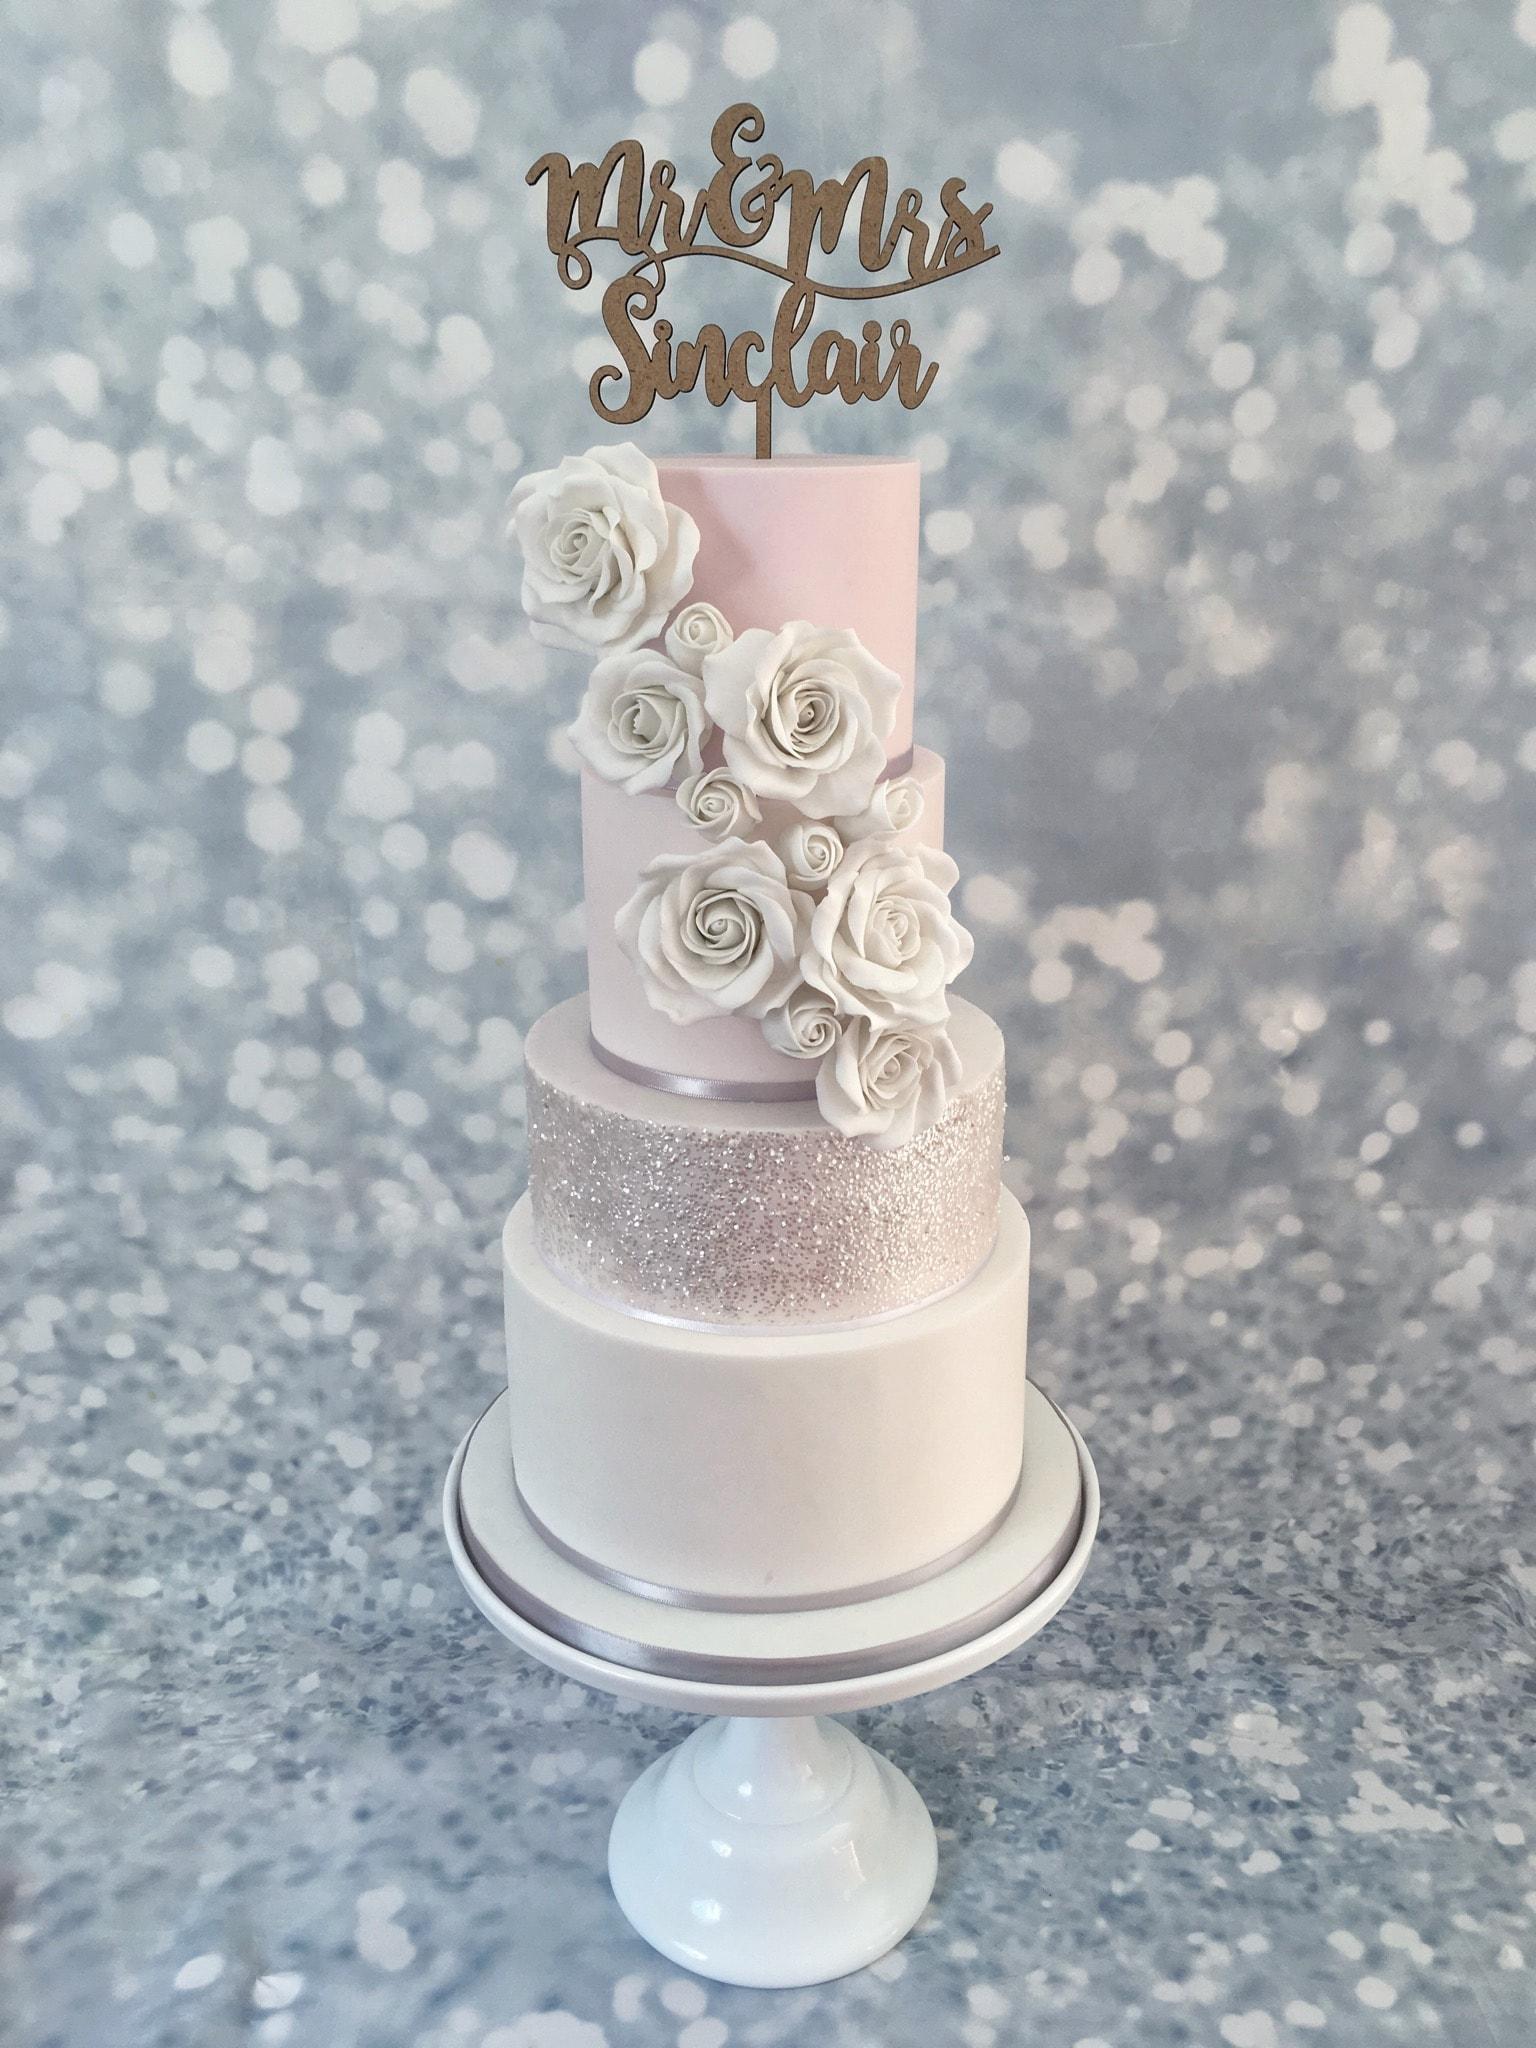 nats-cupcakery-scottish-wedding-cakes